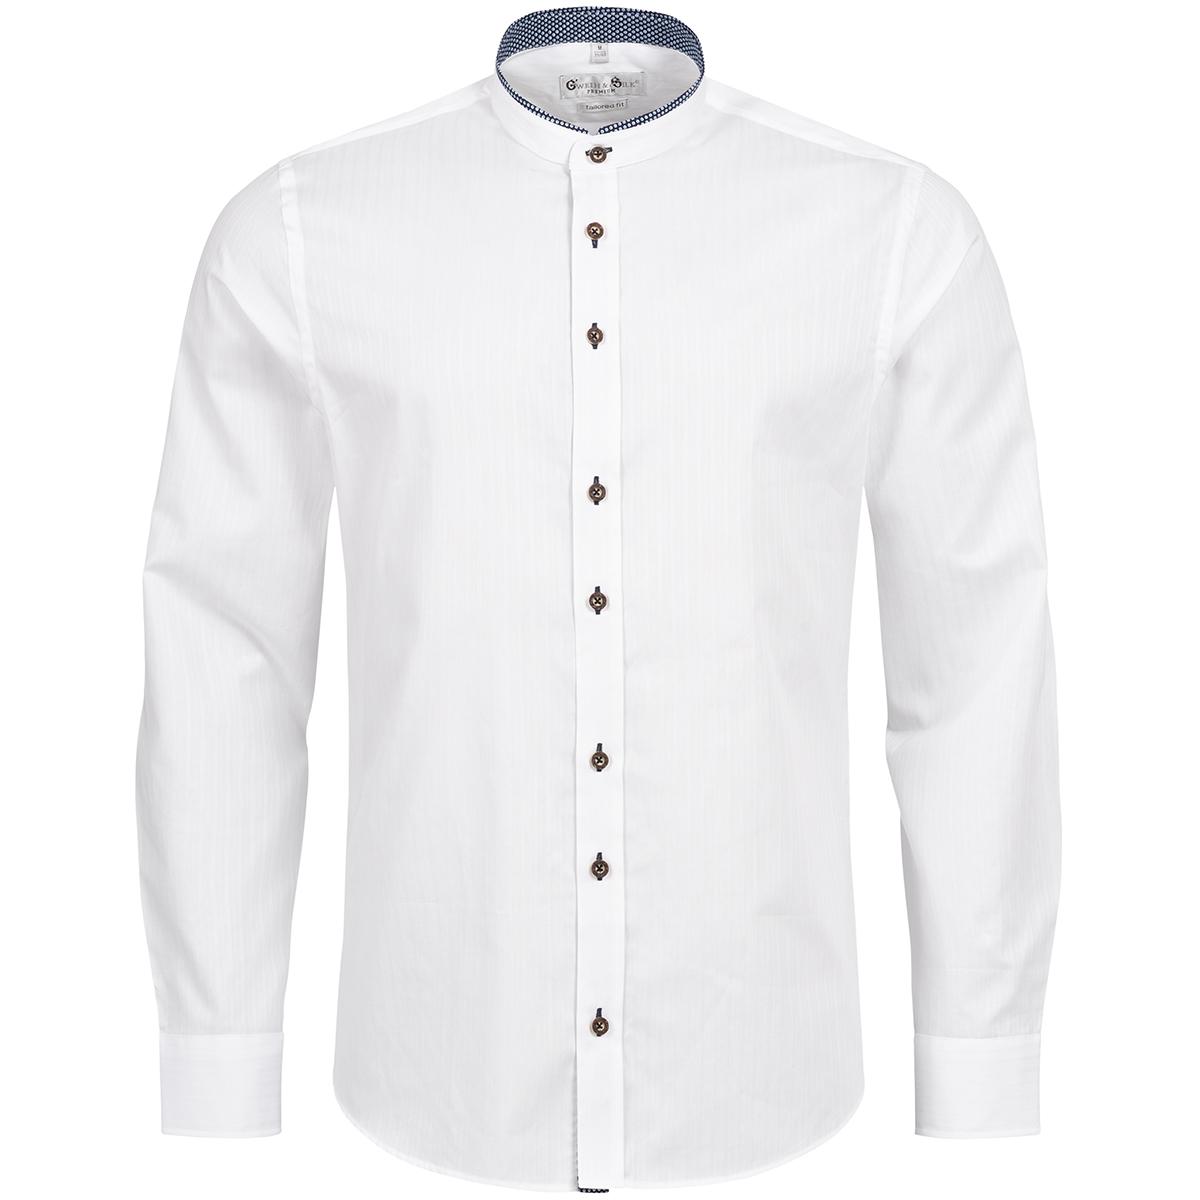 Trachtenhemd Body Fit Ludwig zweifarbig in Weiß und Blau von Gweih und Silk günstig online kaufen